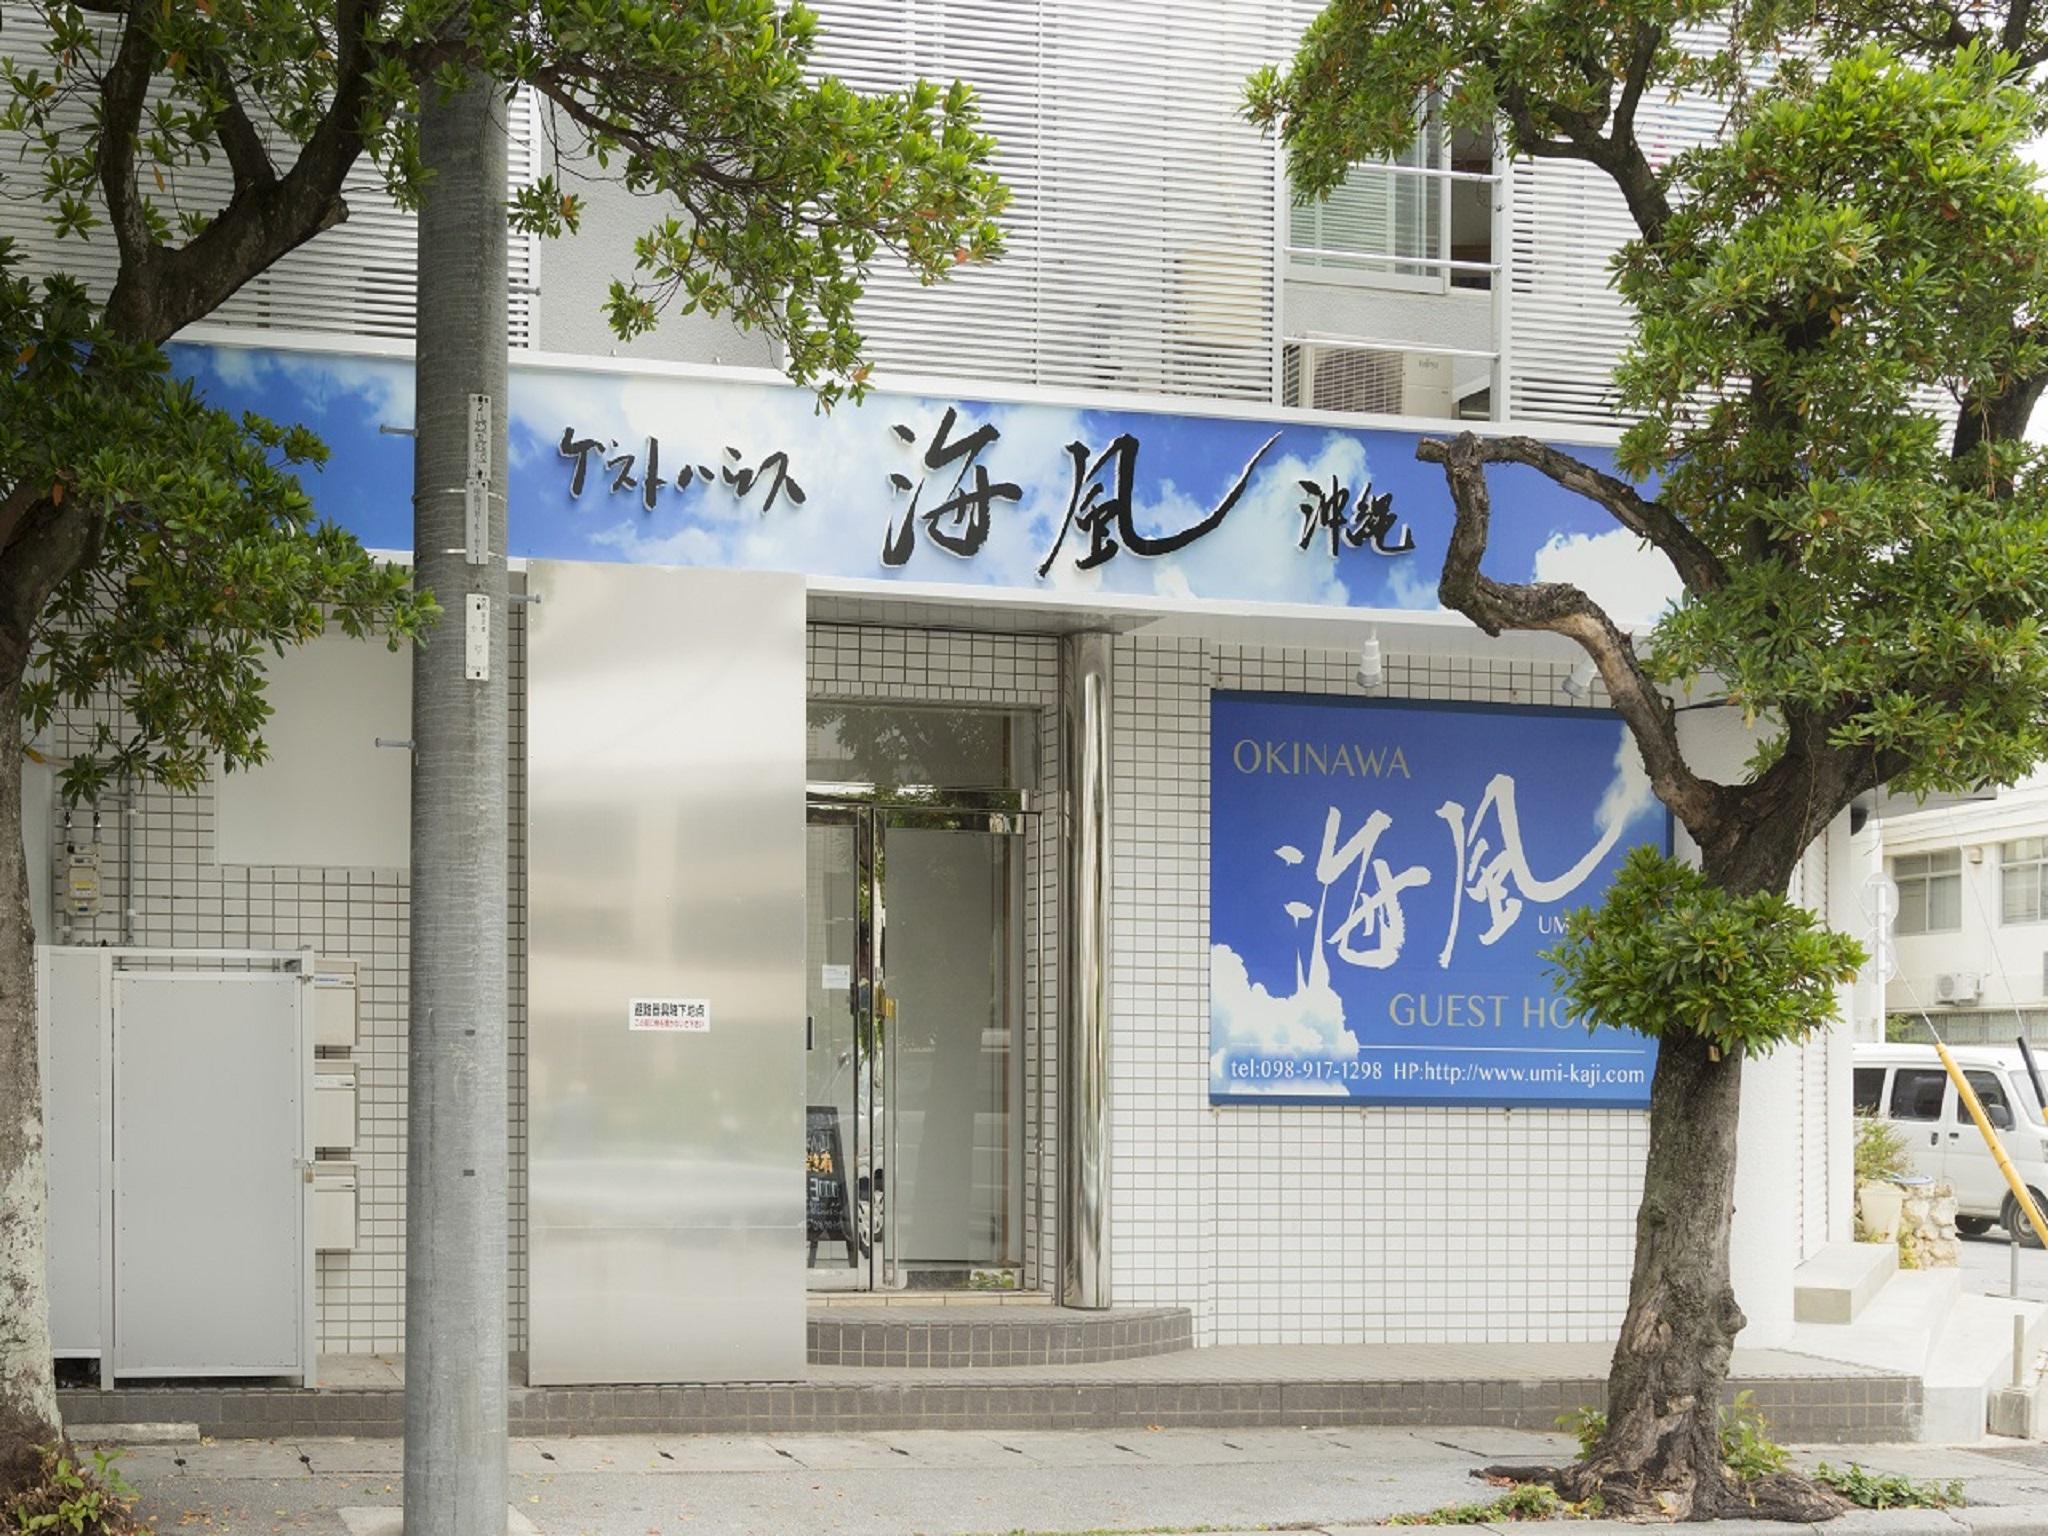 Guest House Umikaji